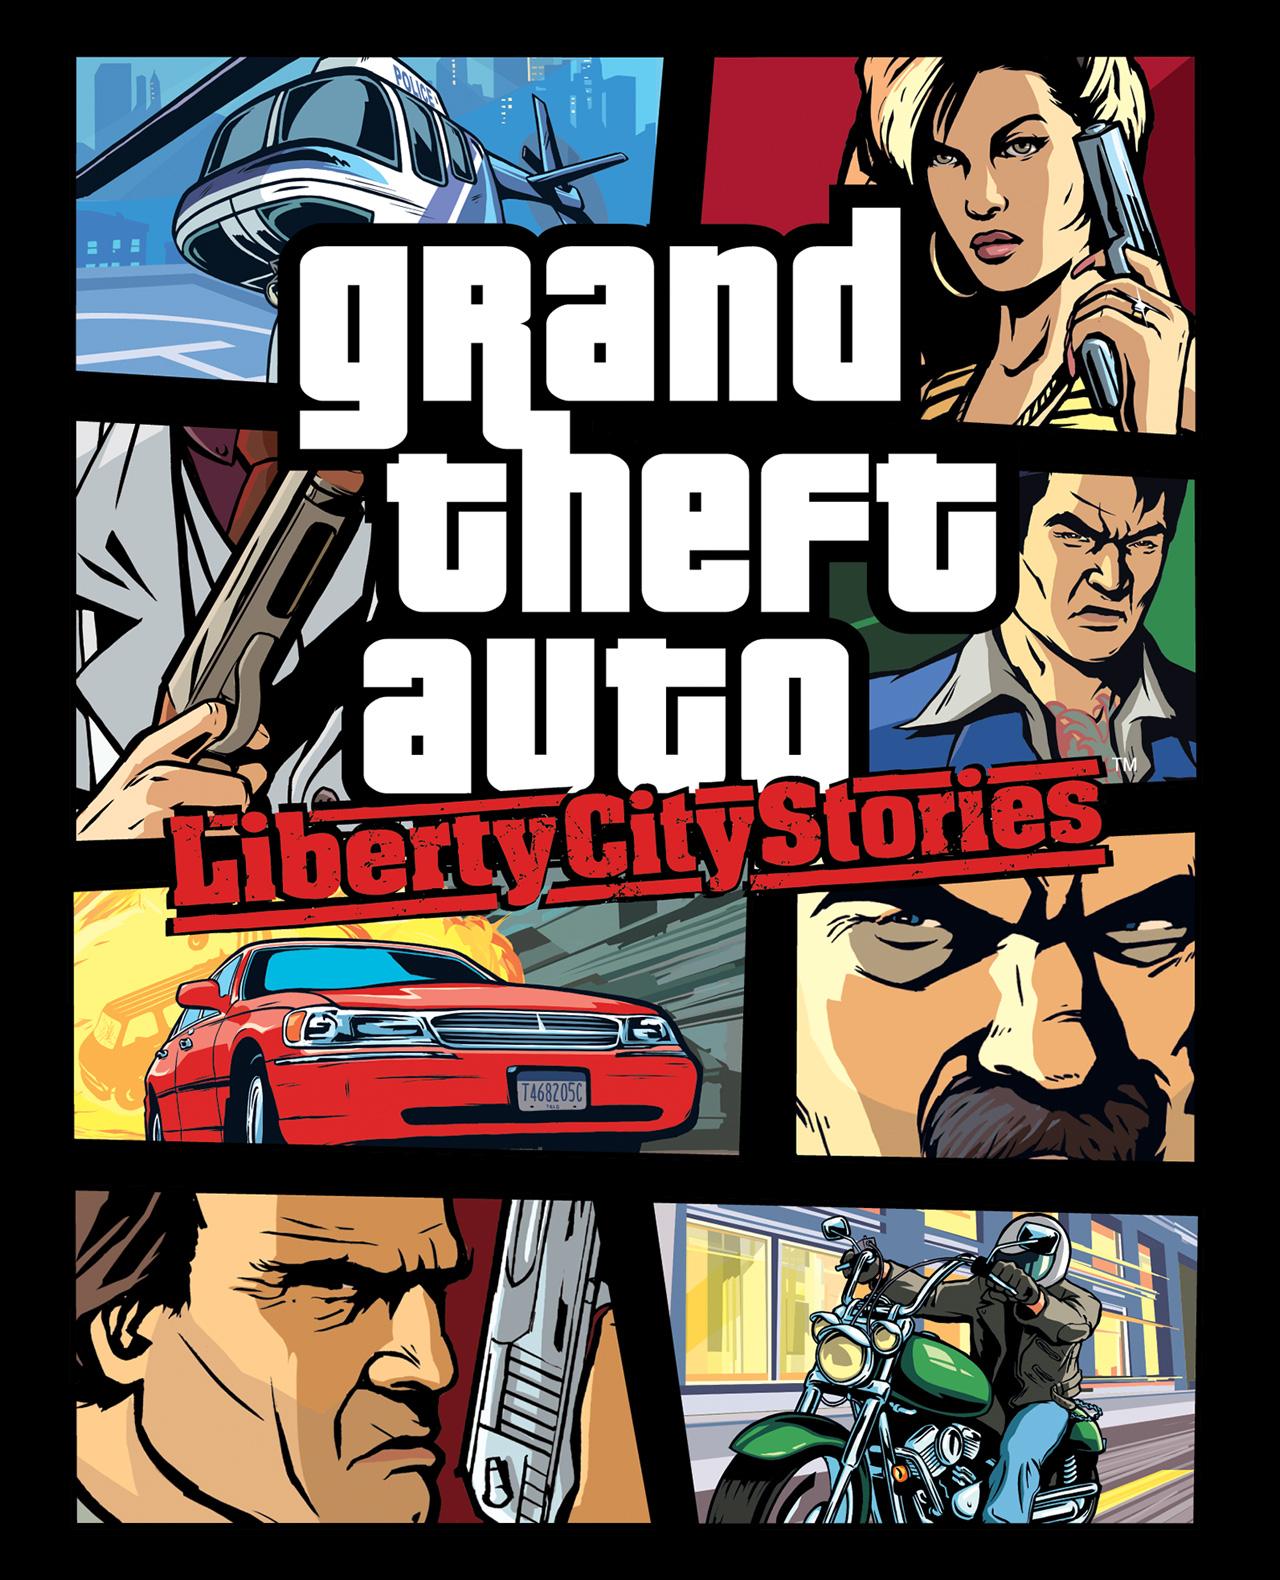 GTA Liberty City پیاسپی